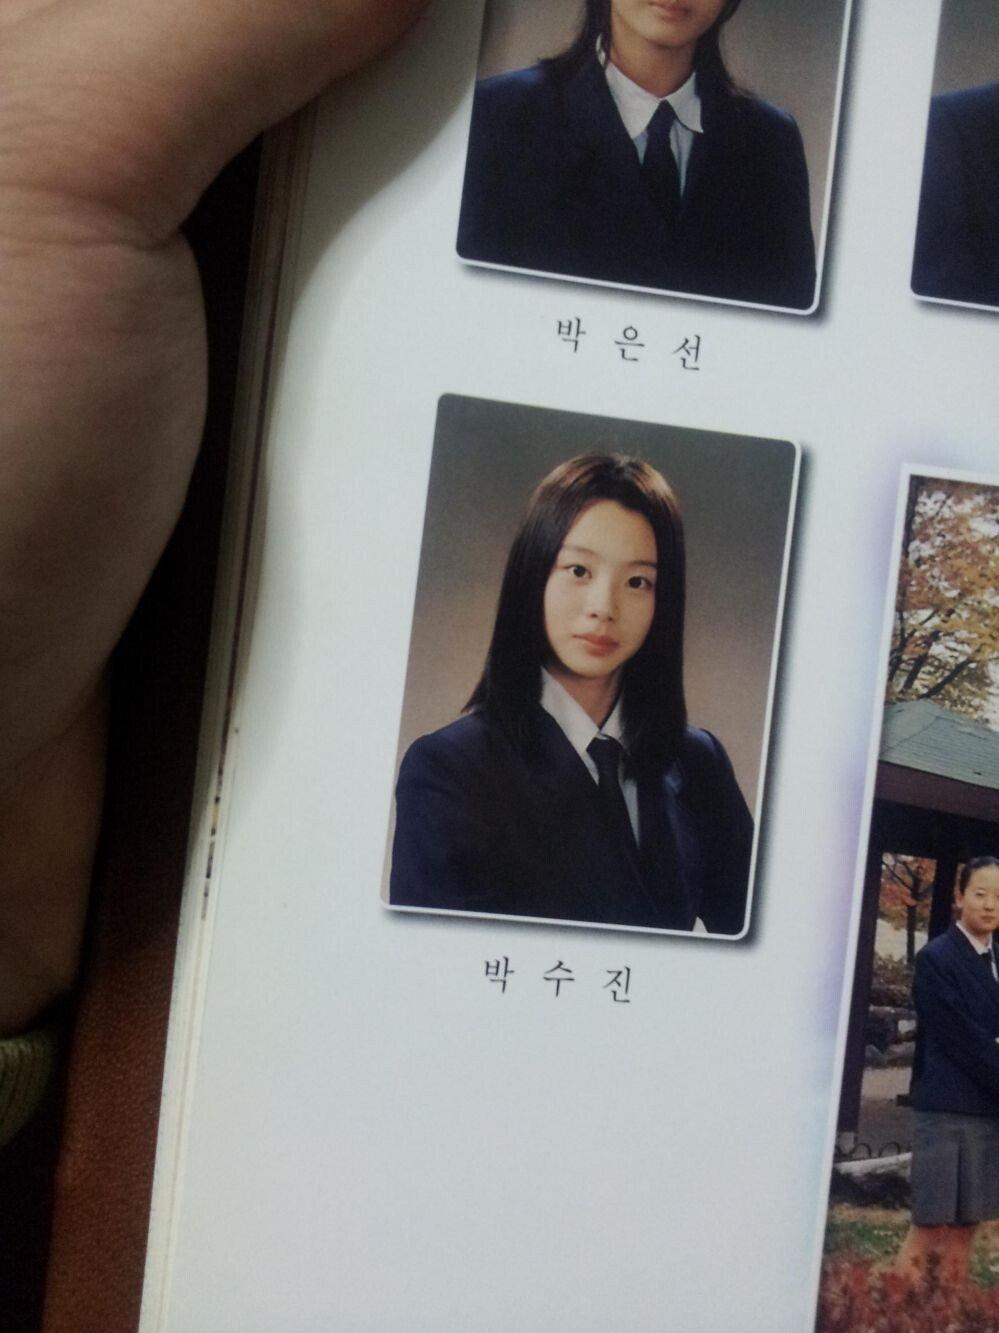 a73363ced34725e3bceeda8c75e288e3.jpg 전설이된 슈가 박수진 고등학교 사진.jpg